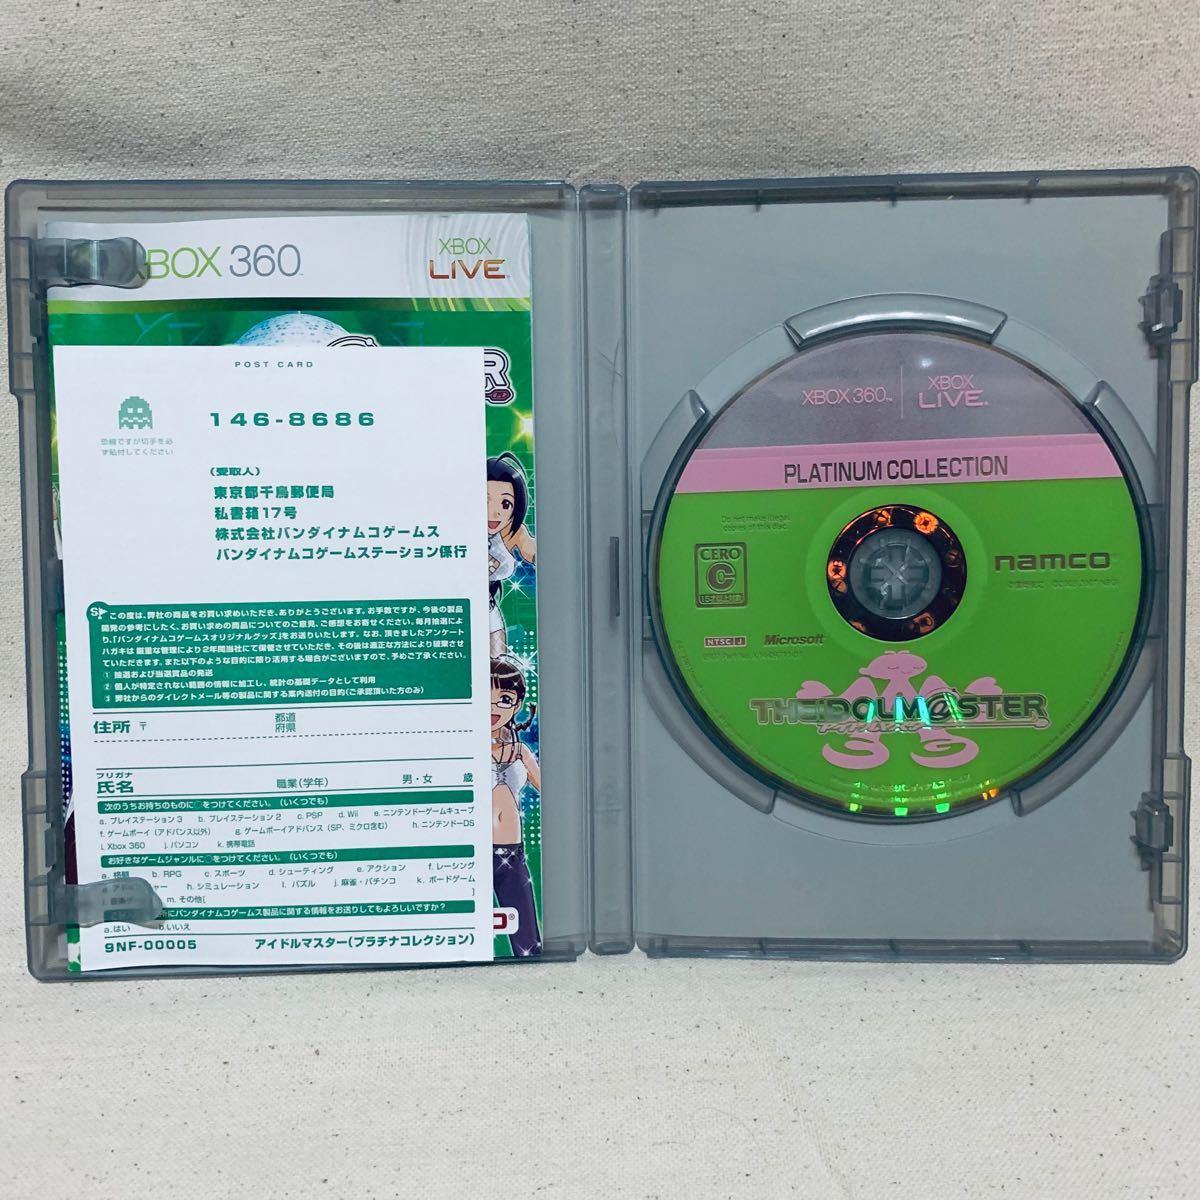 【Xbox360】 アイドルマスター (xboxプラチナコレクション) ドリームクラブ セット